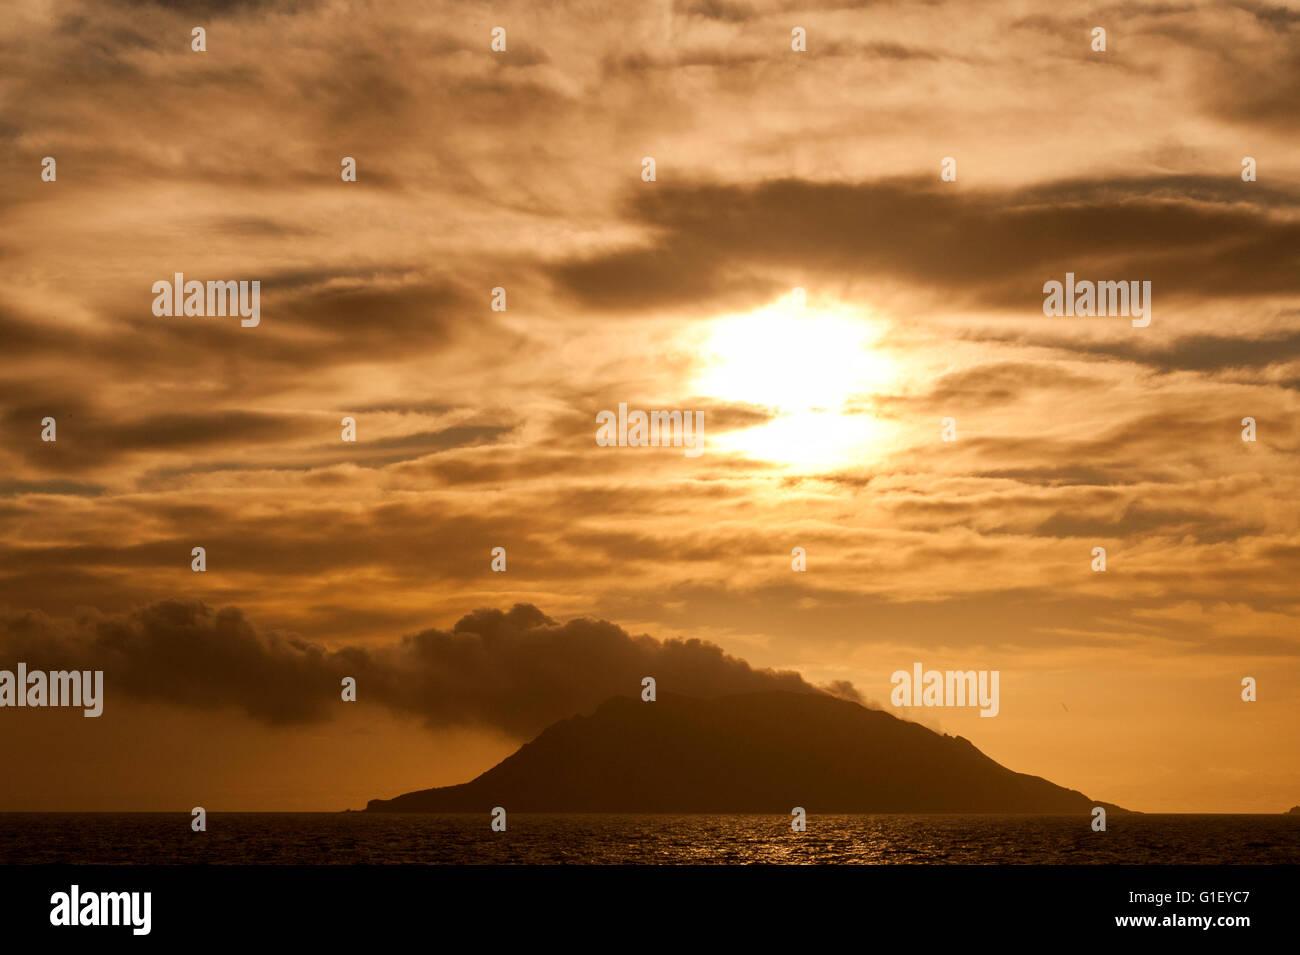 Sunrise over active volcano Whakaari White Island New Zealand - Stock Image